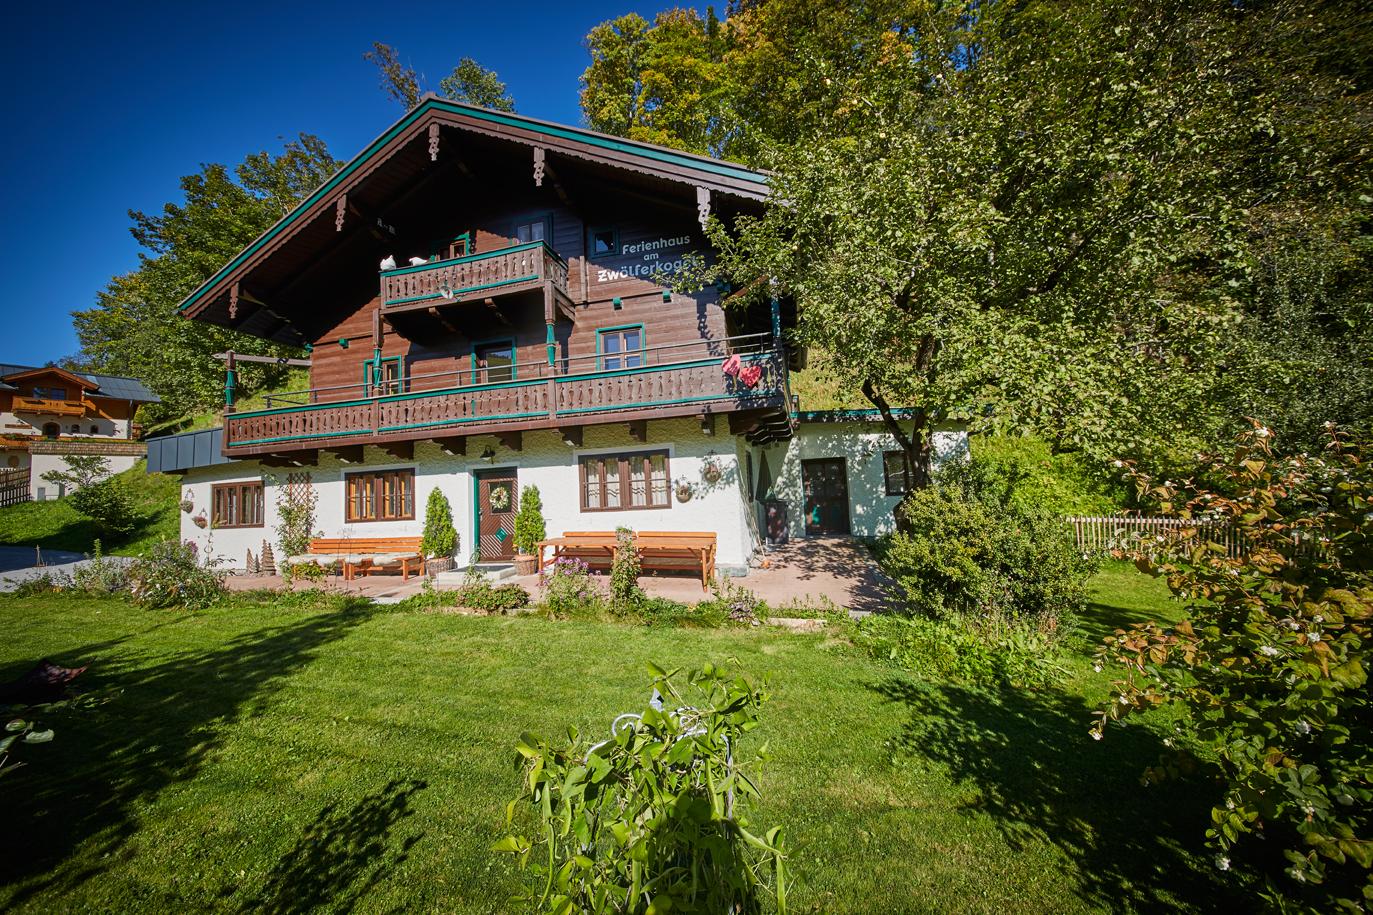 Ferienhaus in Hinterglemm